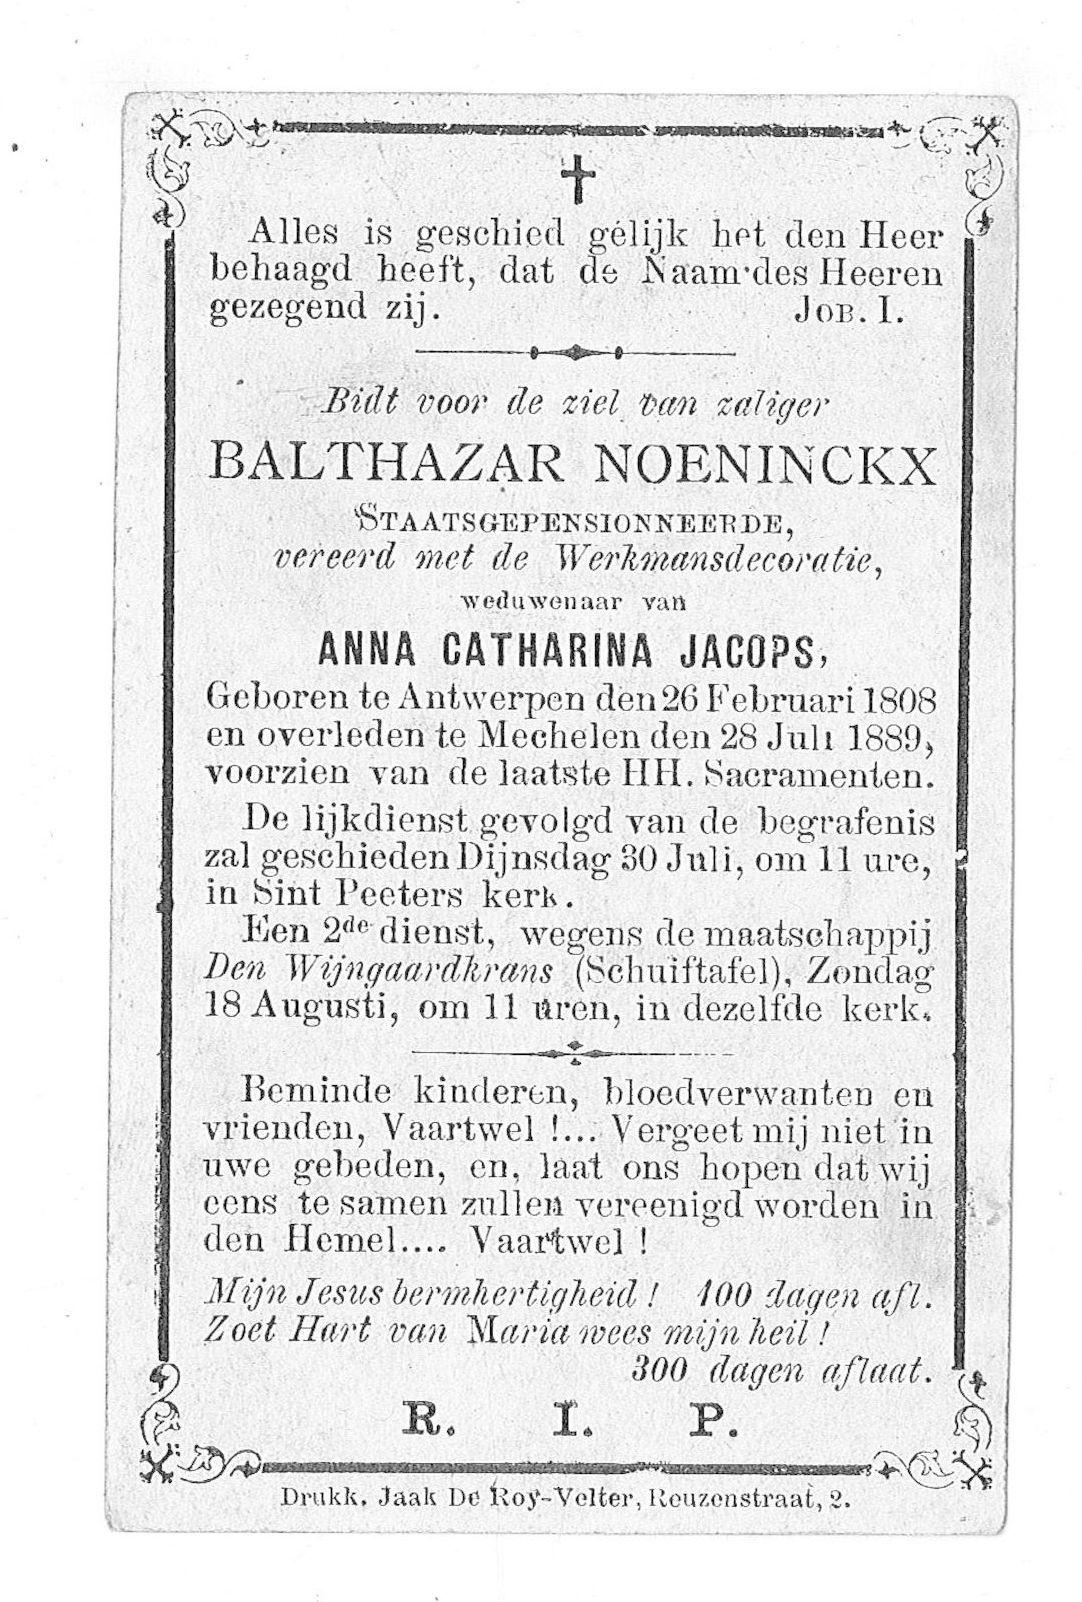 Balthazar Noeninckx